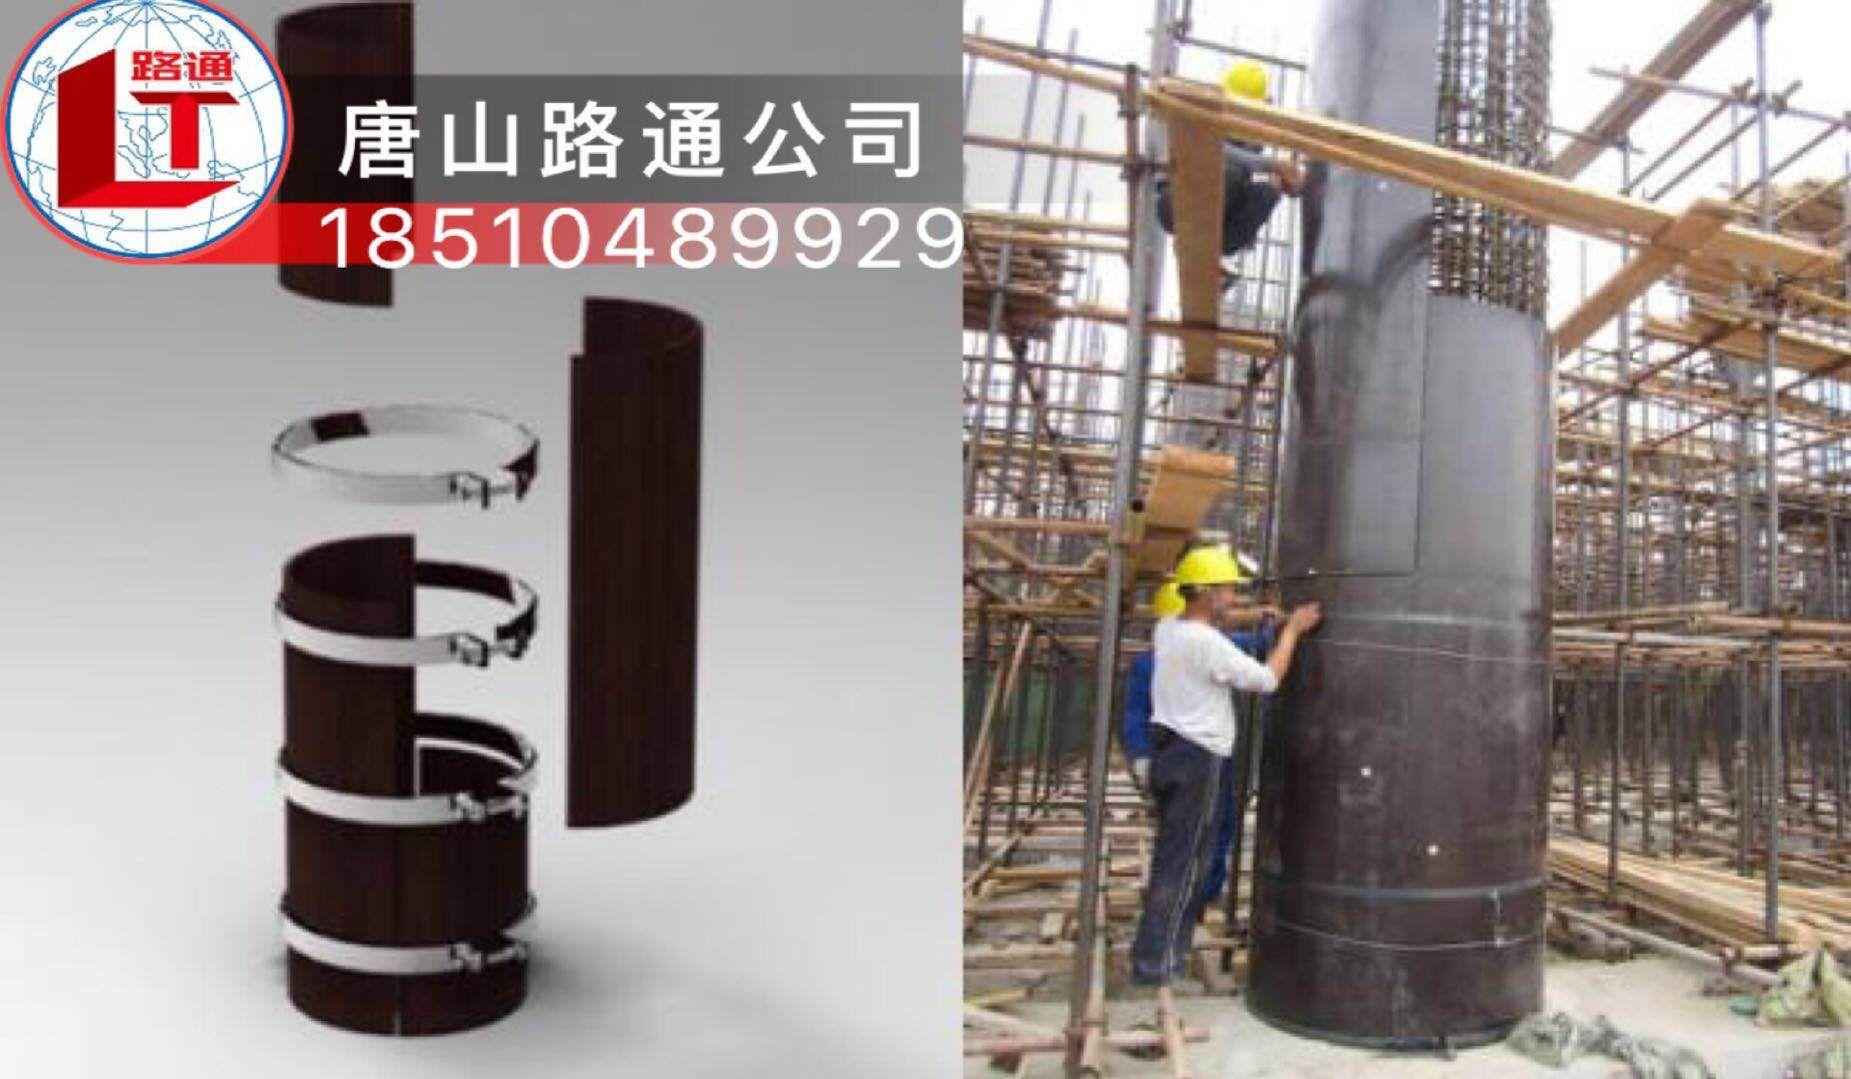 圆柱紧固件加工制作;紧固件生产厂家;紧固件自产直销